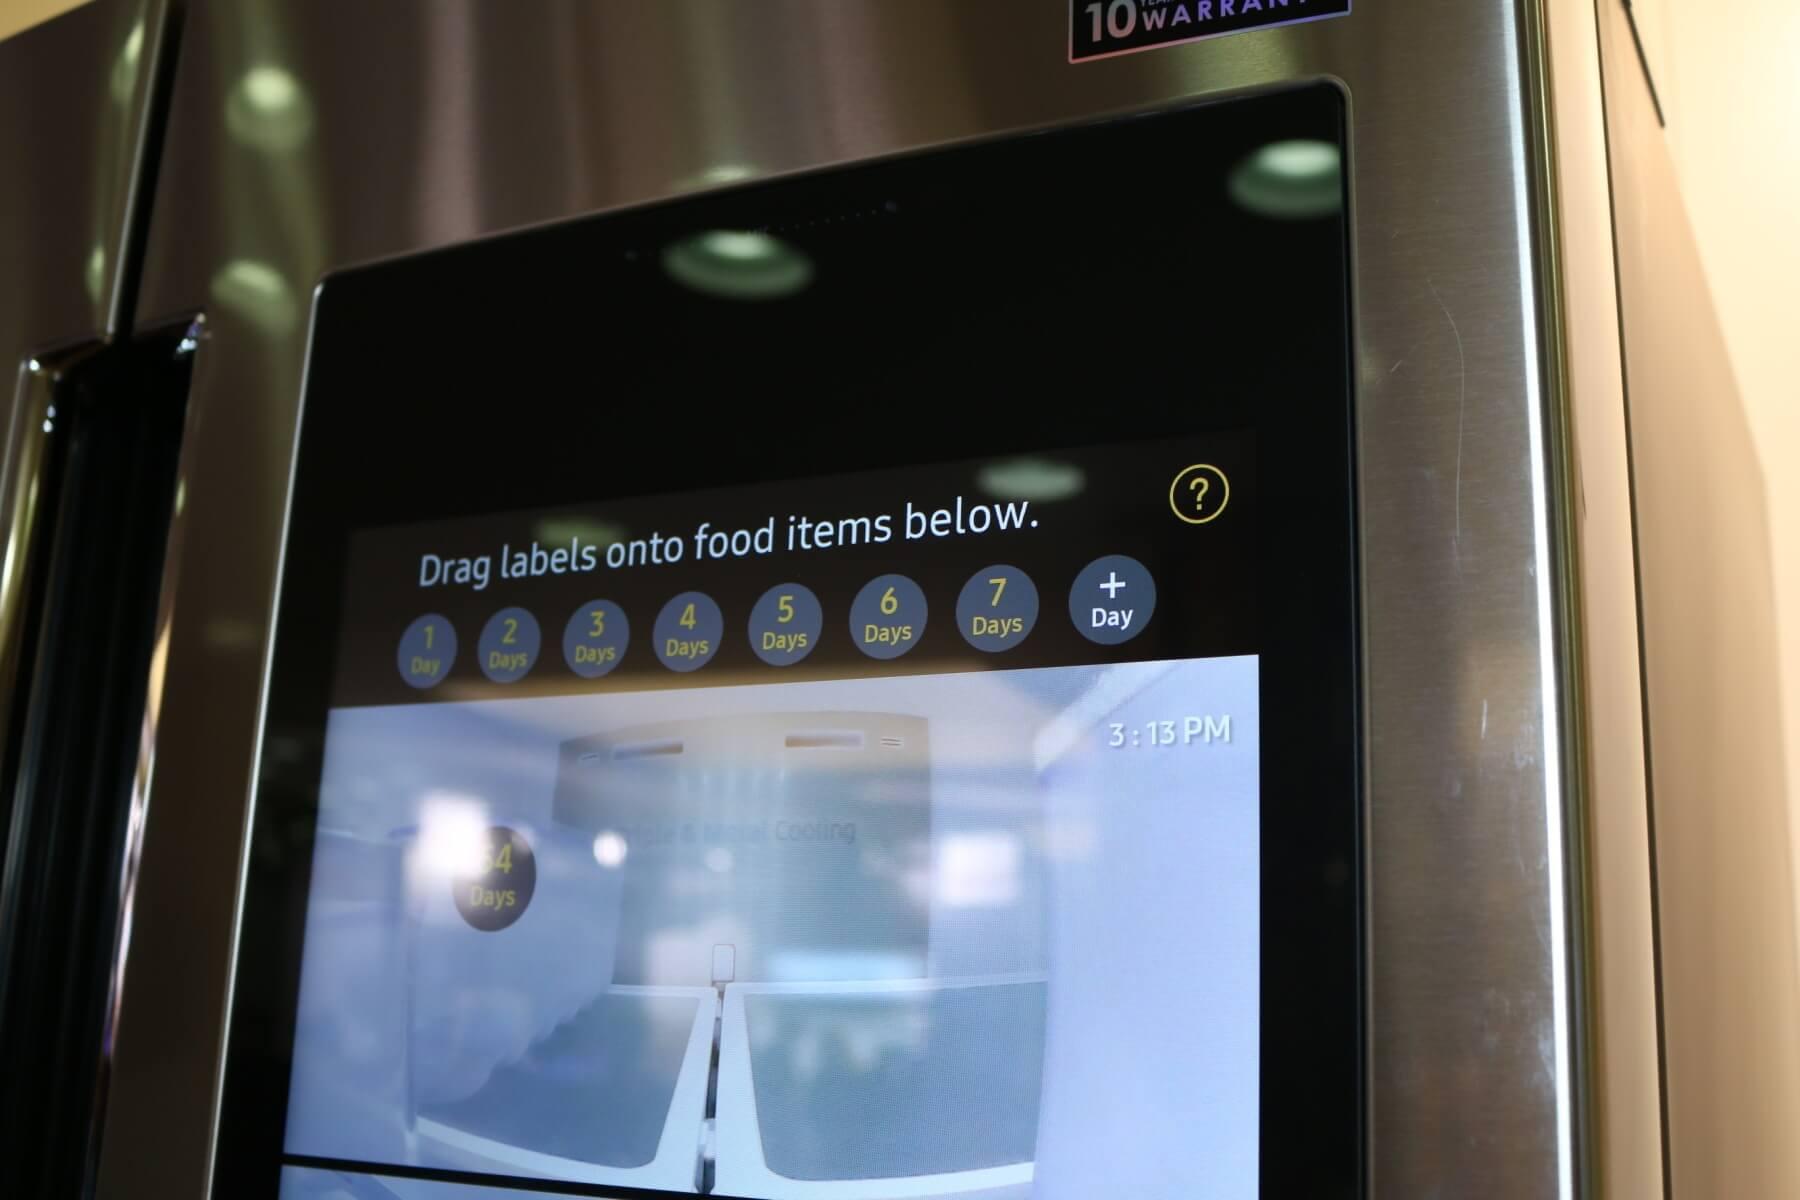 Amerikanischer Kühlschrank Quad : Ausgescherzt quadcore kühlschrank mit full hd display kommt zu uns